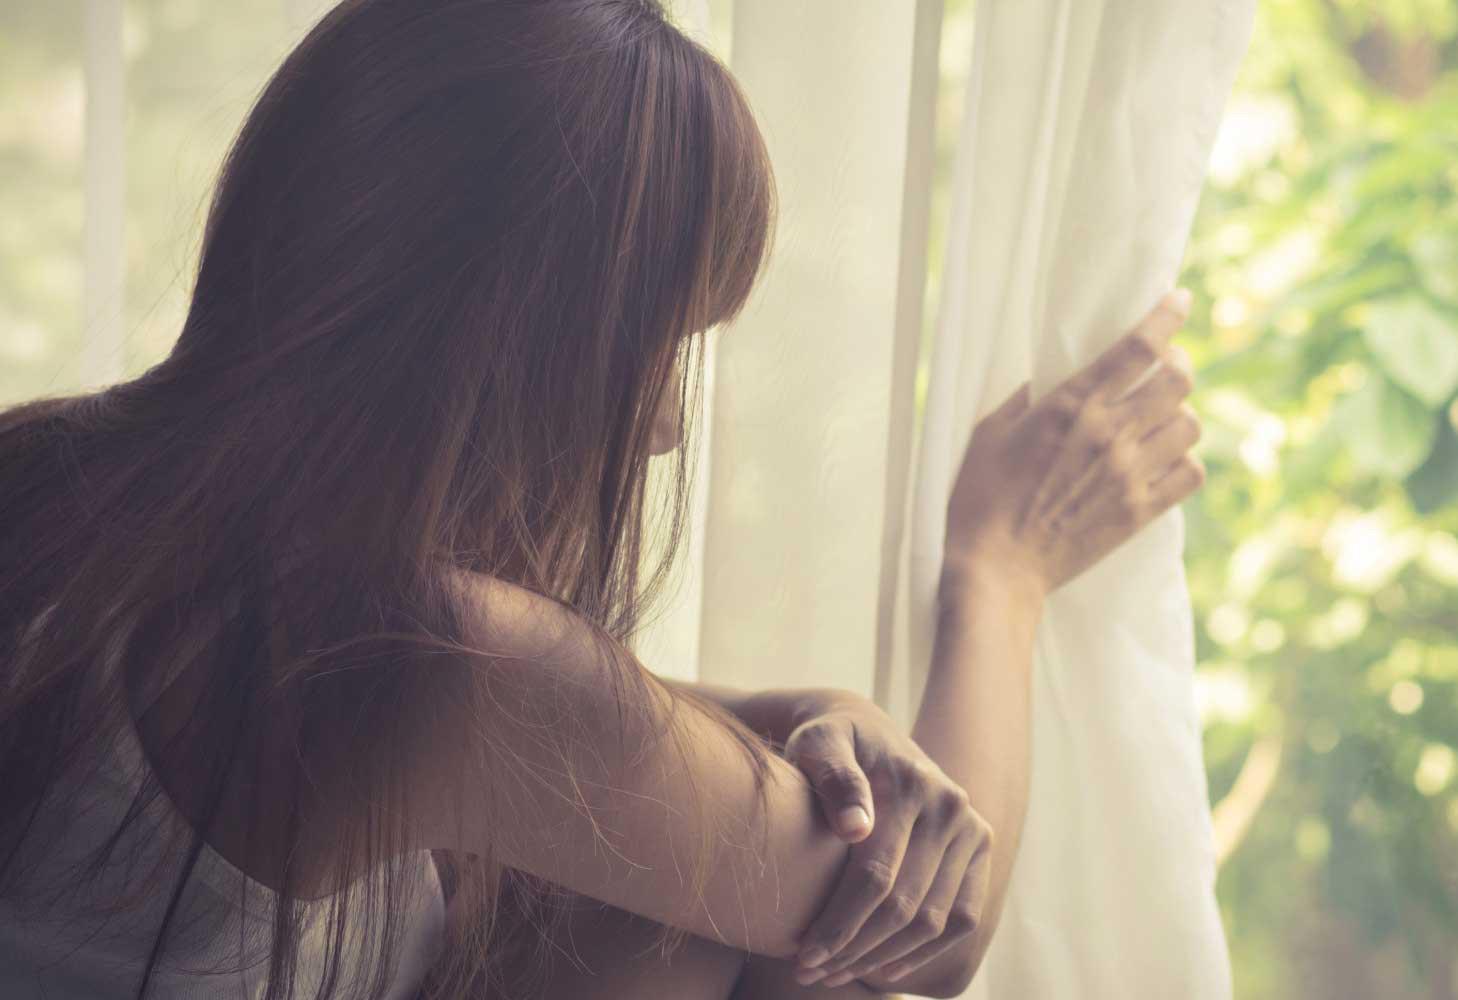 Gửi những người phụ nữ còn đang loay hoay trong khổ đau: Cuộc đời ngắn, đừng nghĩ dài! - Ảnh 3